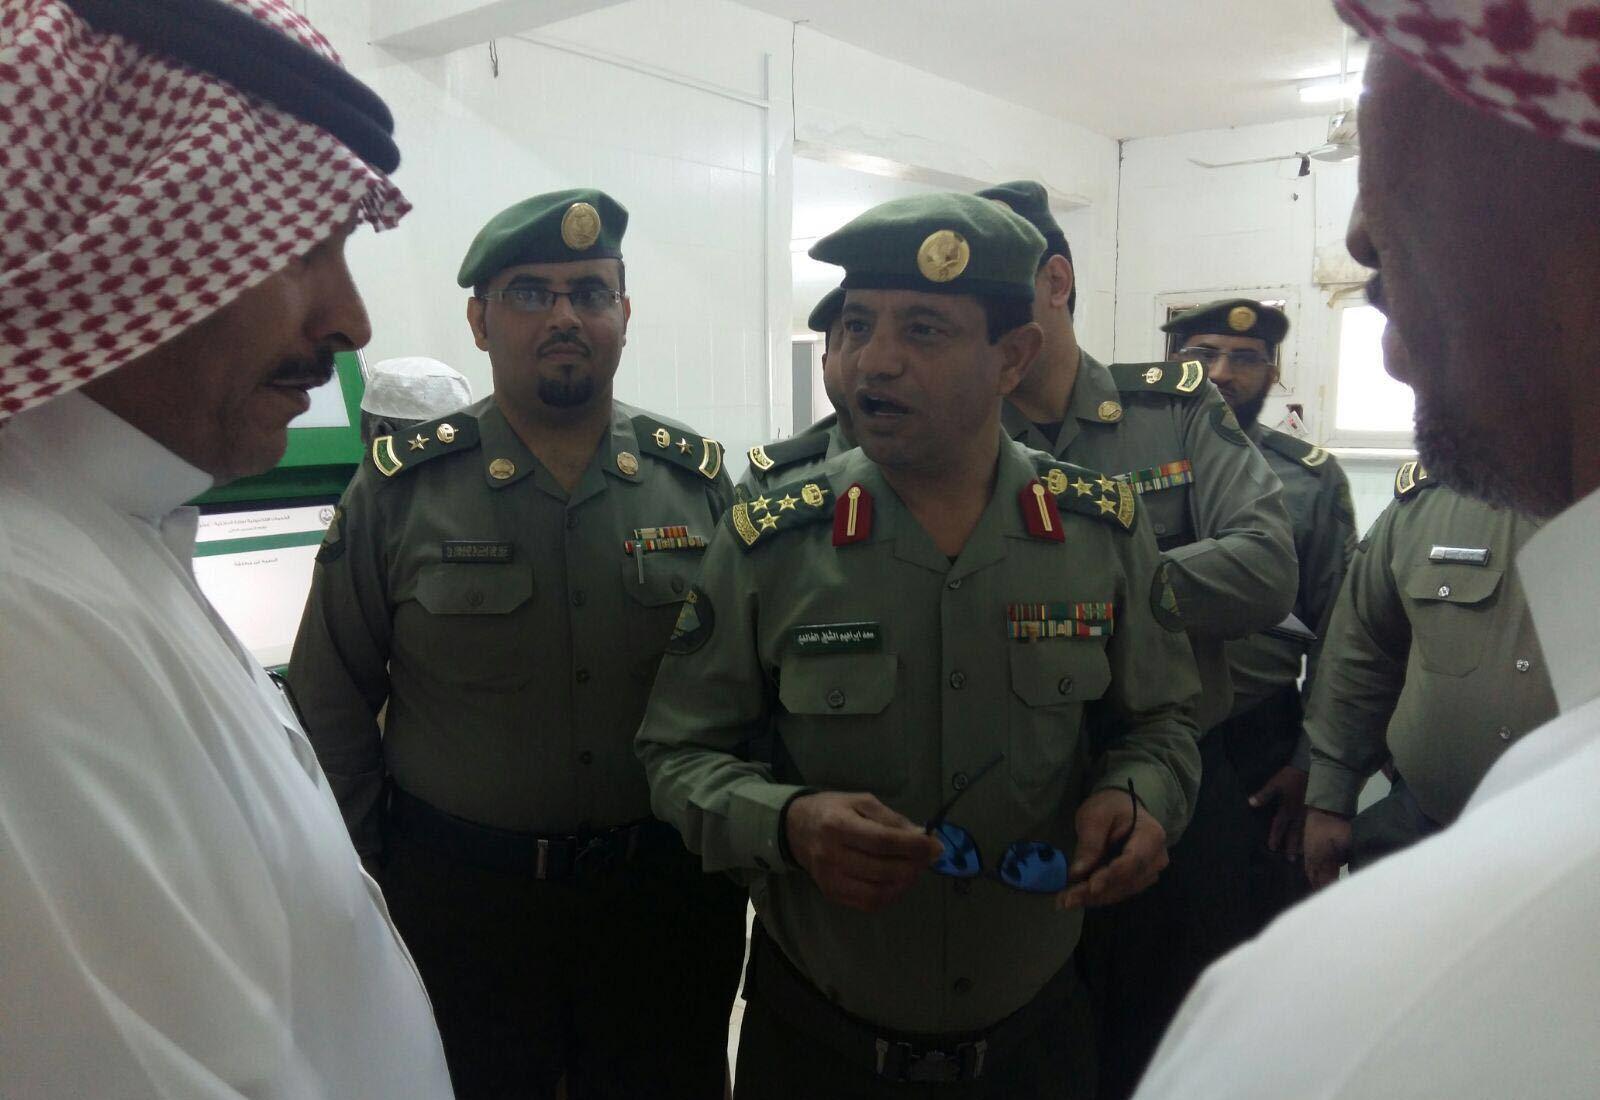 مدير جوازات عسير العميد سعد بن ابراهيم الخالدي يتفقد ادارة جوازات محافظة محايل (5)